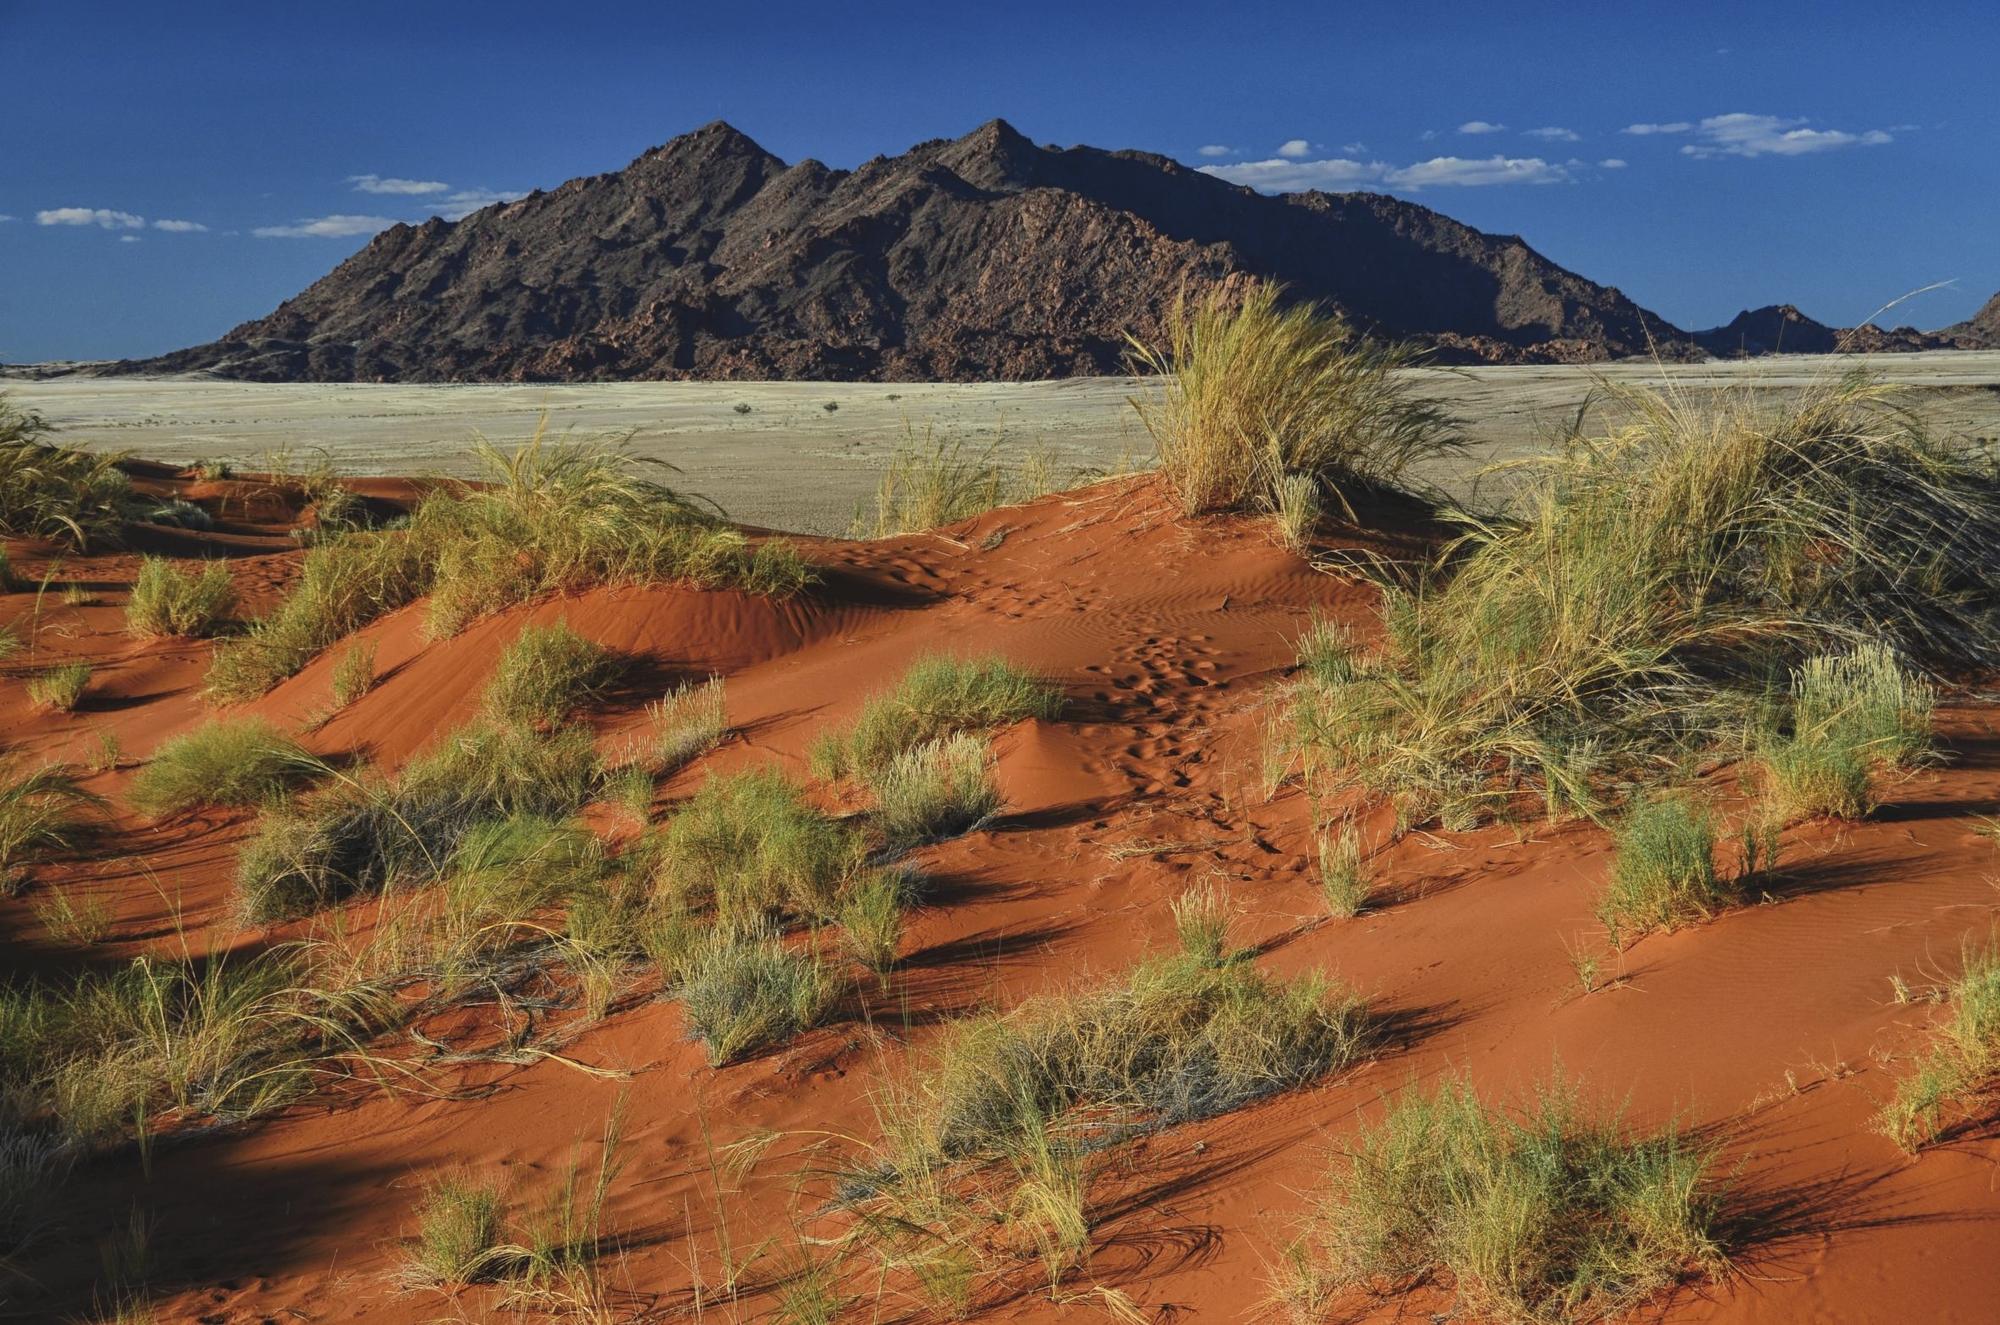 Komfort-Expedition im südlichen Afrika